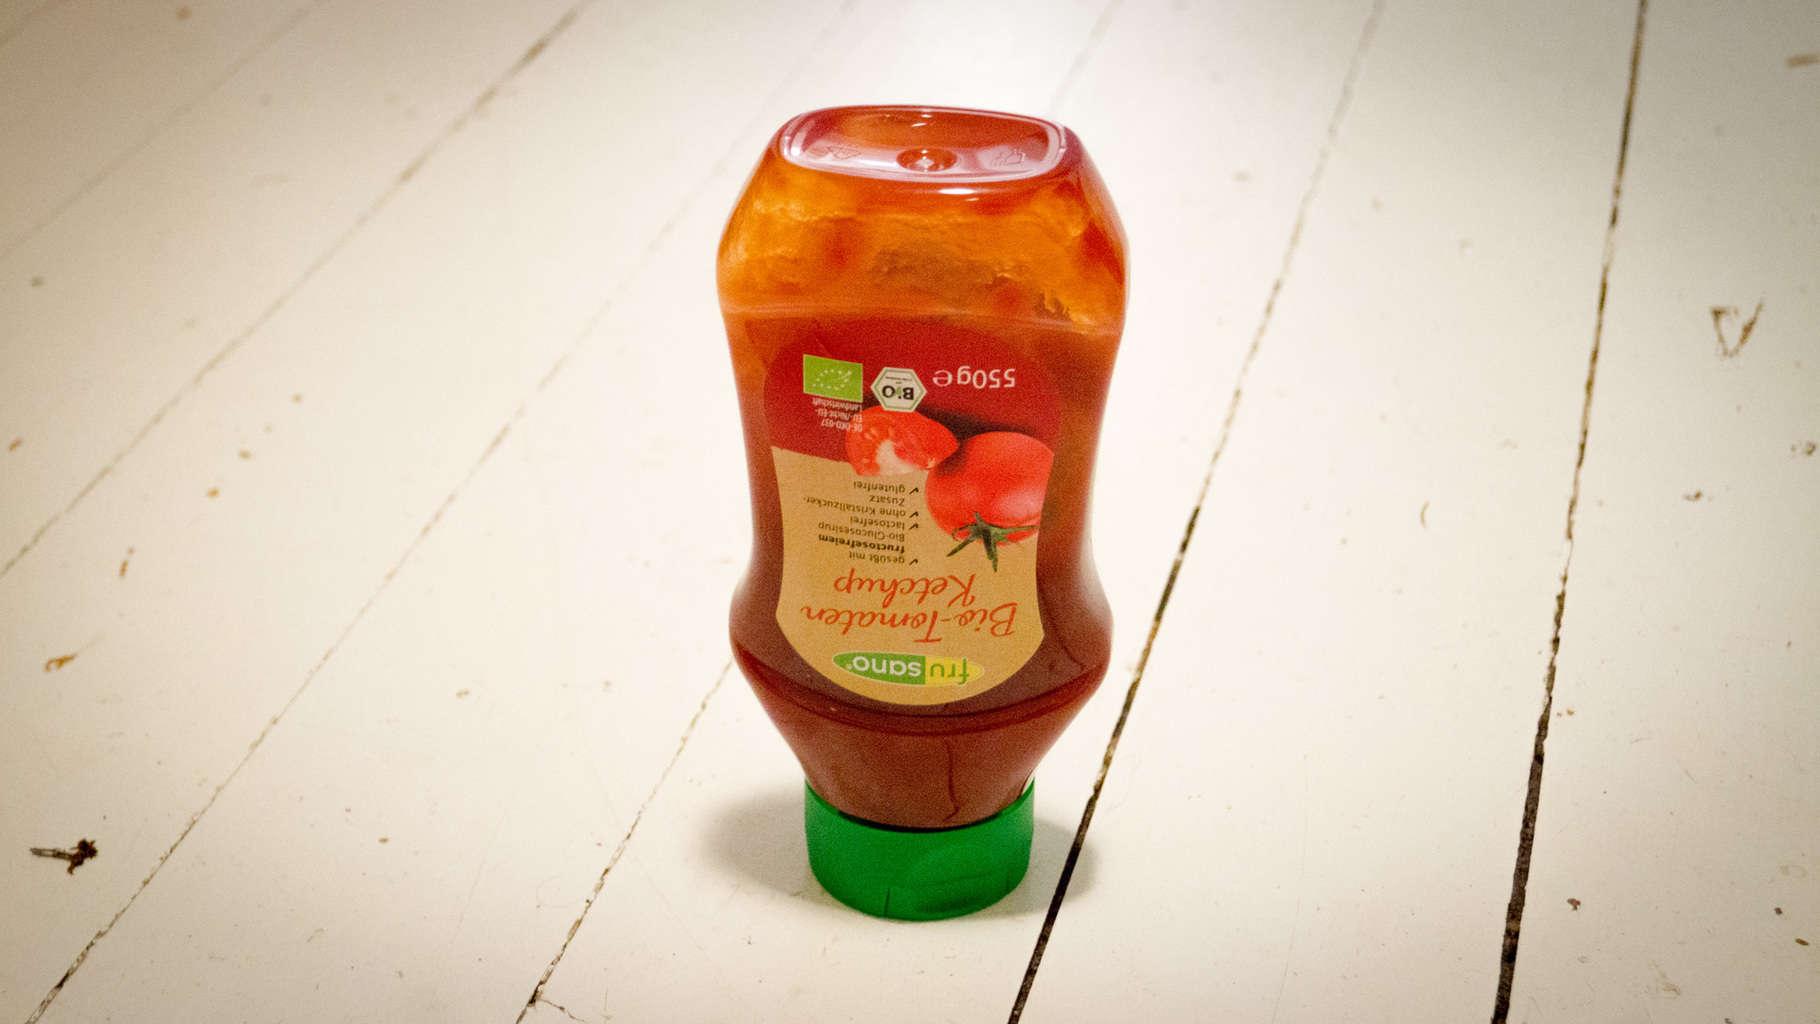 zuckerfreie marmelade bei edeka